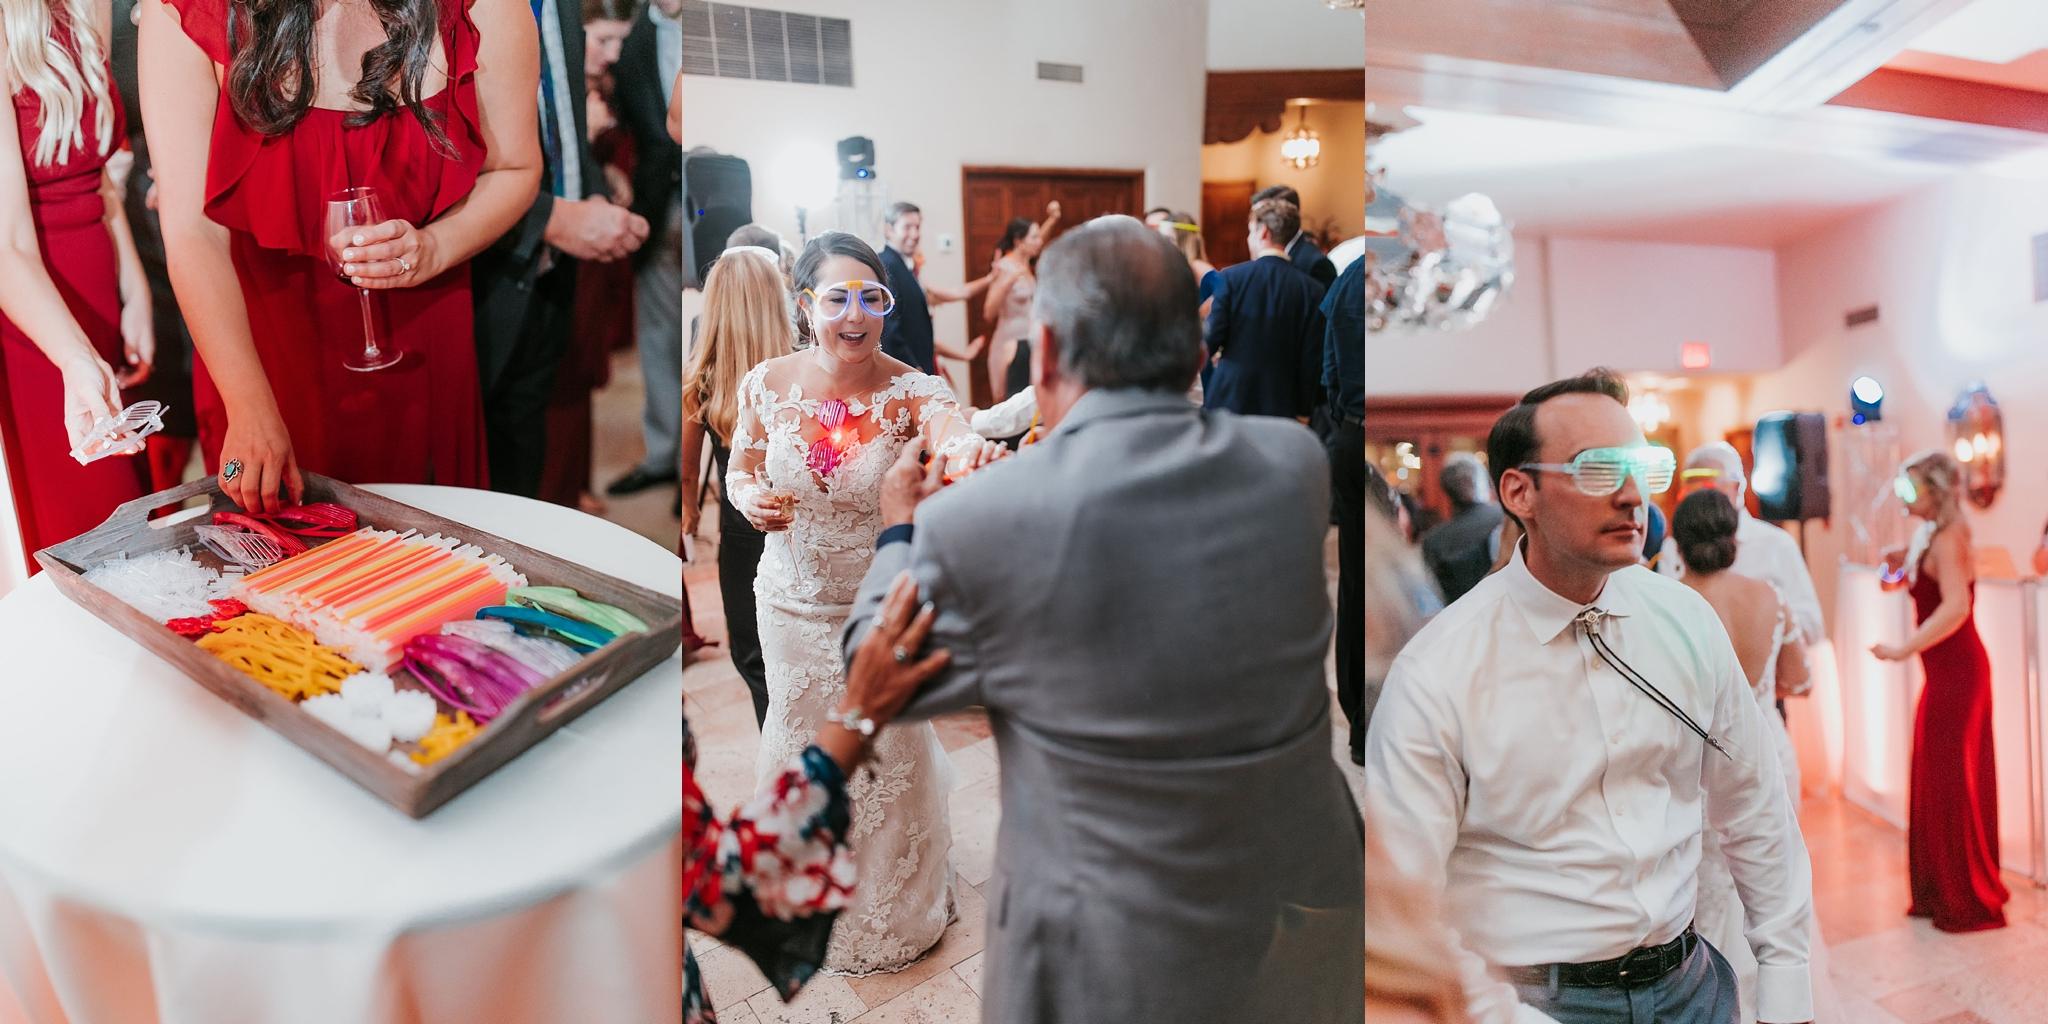 Alicia+lucia+photography+-+albuquerque+wedding+photographer+-+santa+fe+wedding+photography+-+new+mexico+wedding+photographer+-+new+mexico+wedding+-+wedding+photographer+-+wedding+photographer+team_0014.jpg